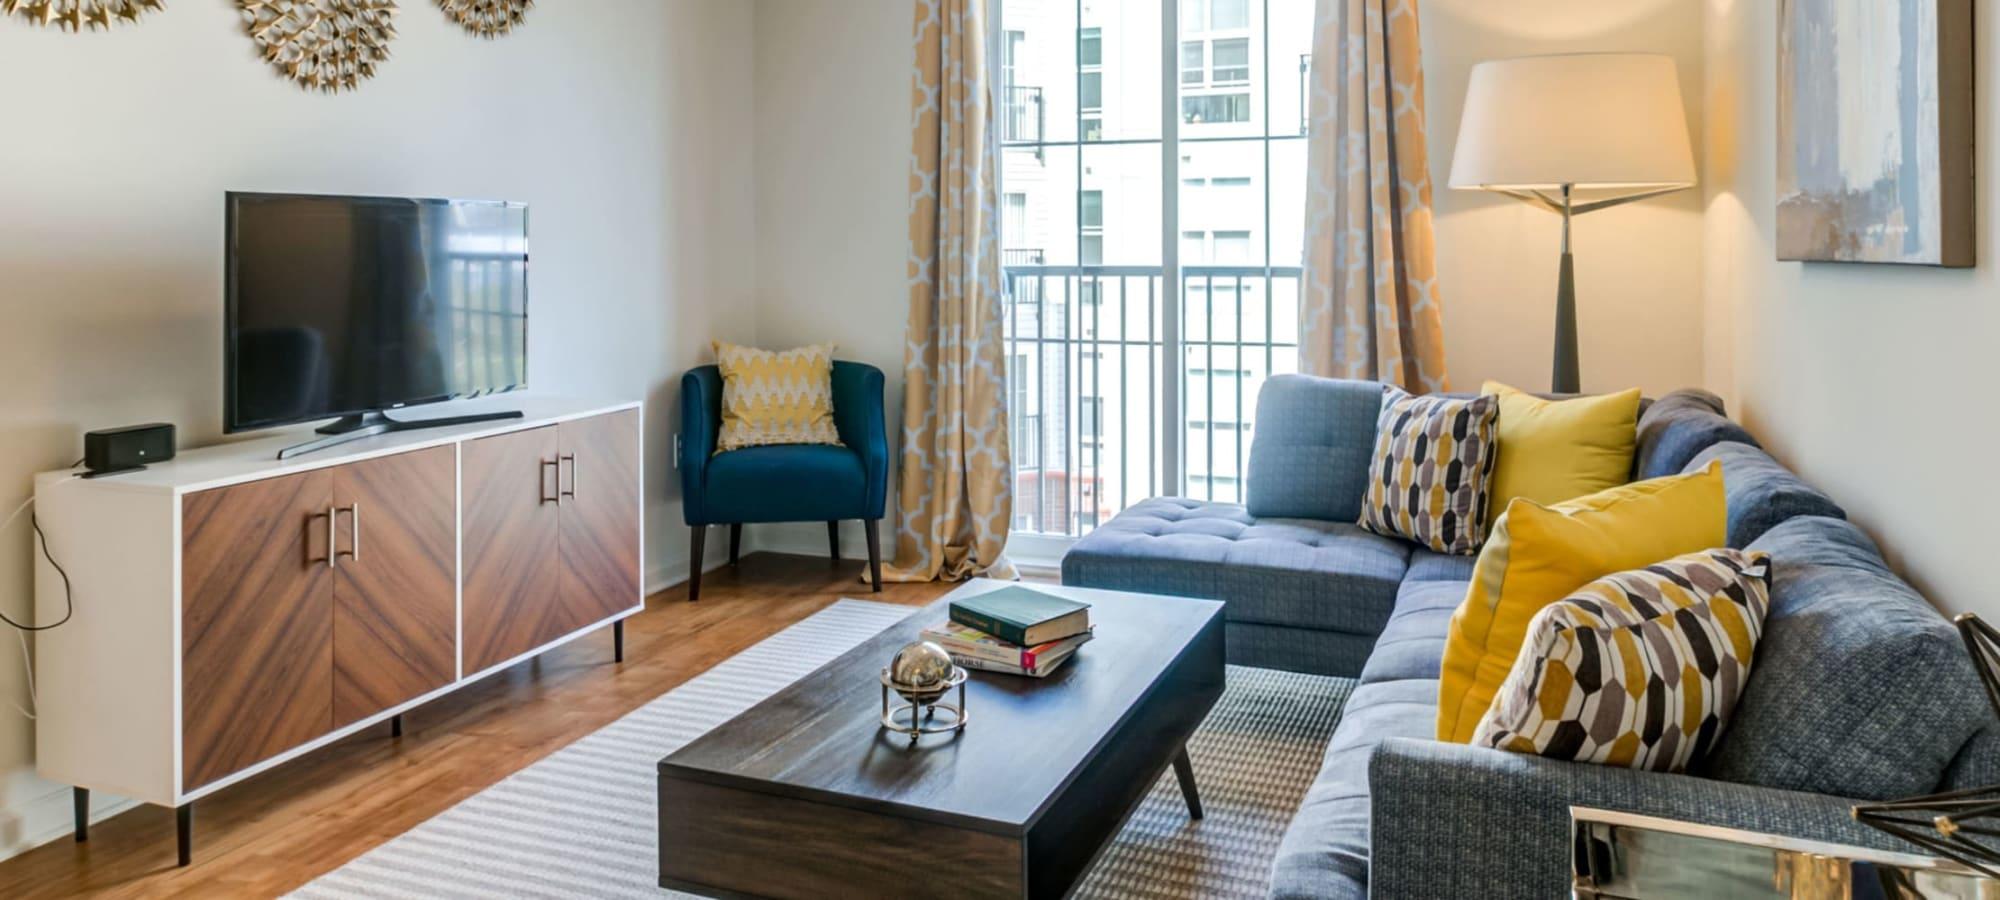 Apartments at The Royal Athena in Bala Cynwyd, Pennsylvania